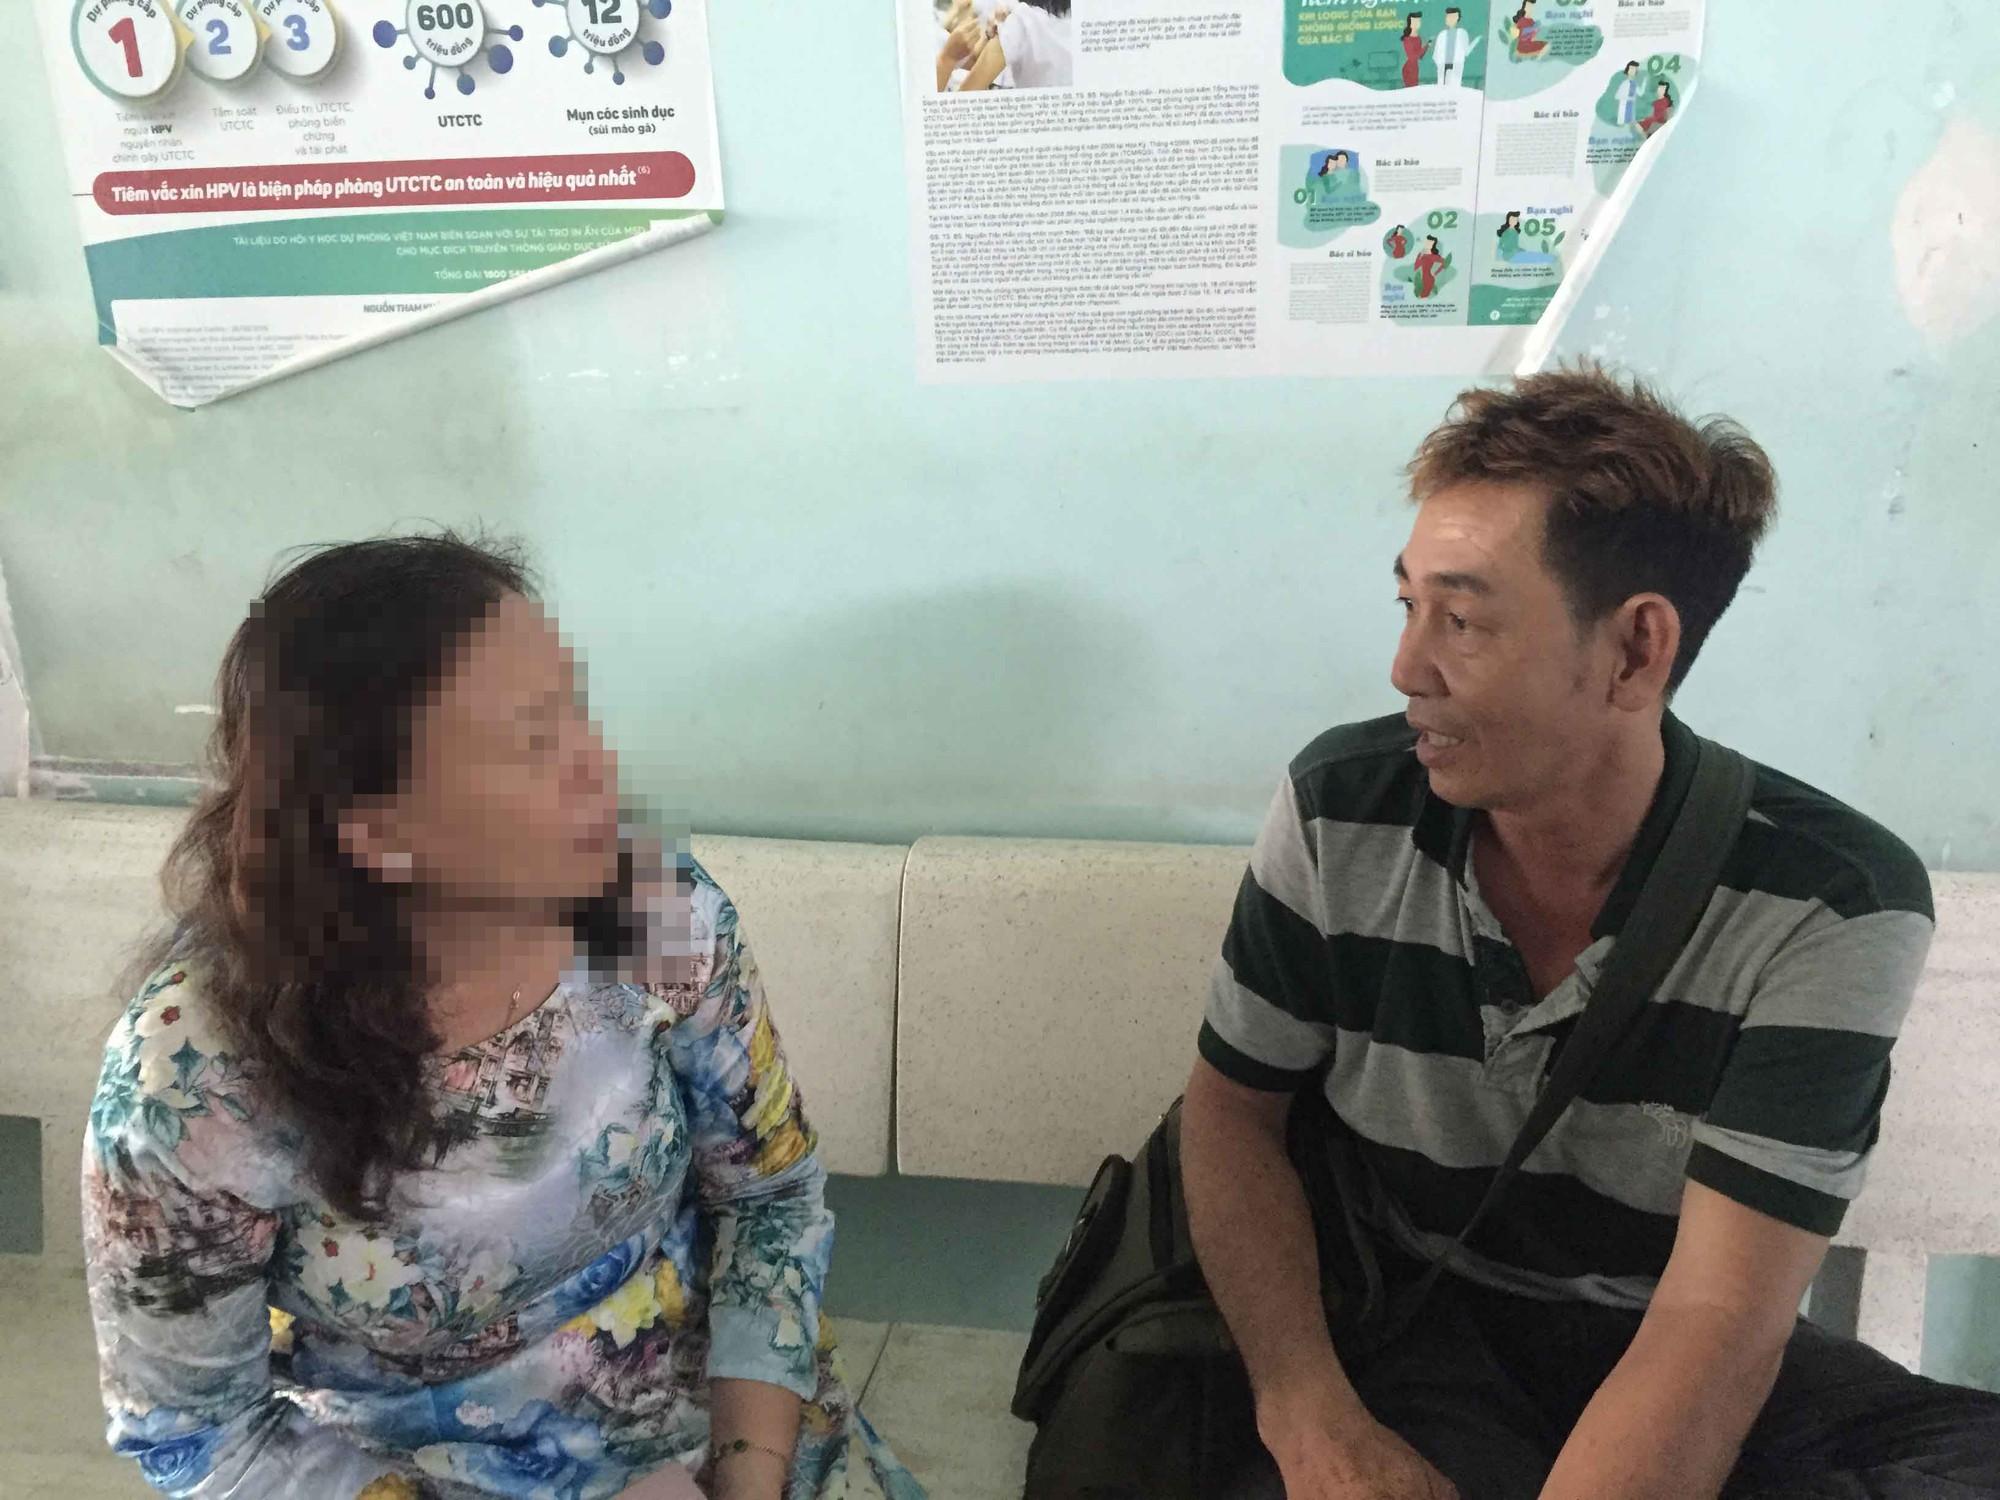 Hé lộ món nợ của anh trai khiến cô gái mang thai 6 tháng bị tra tấn dã man, thai nhi tử vong-2